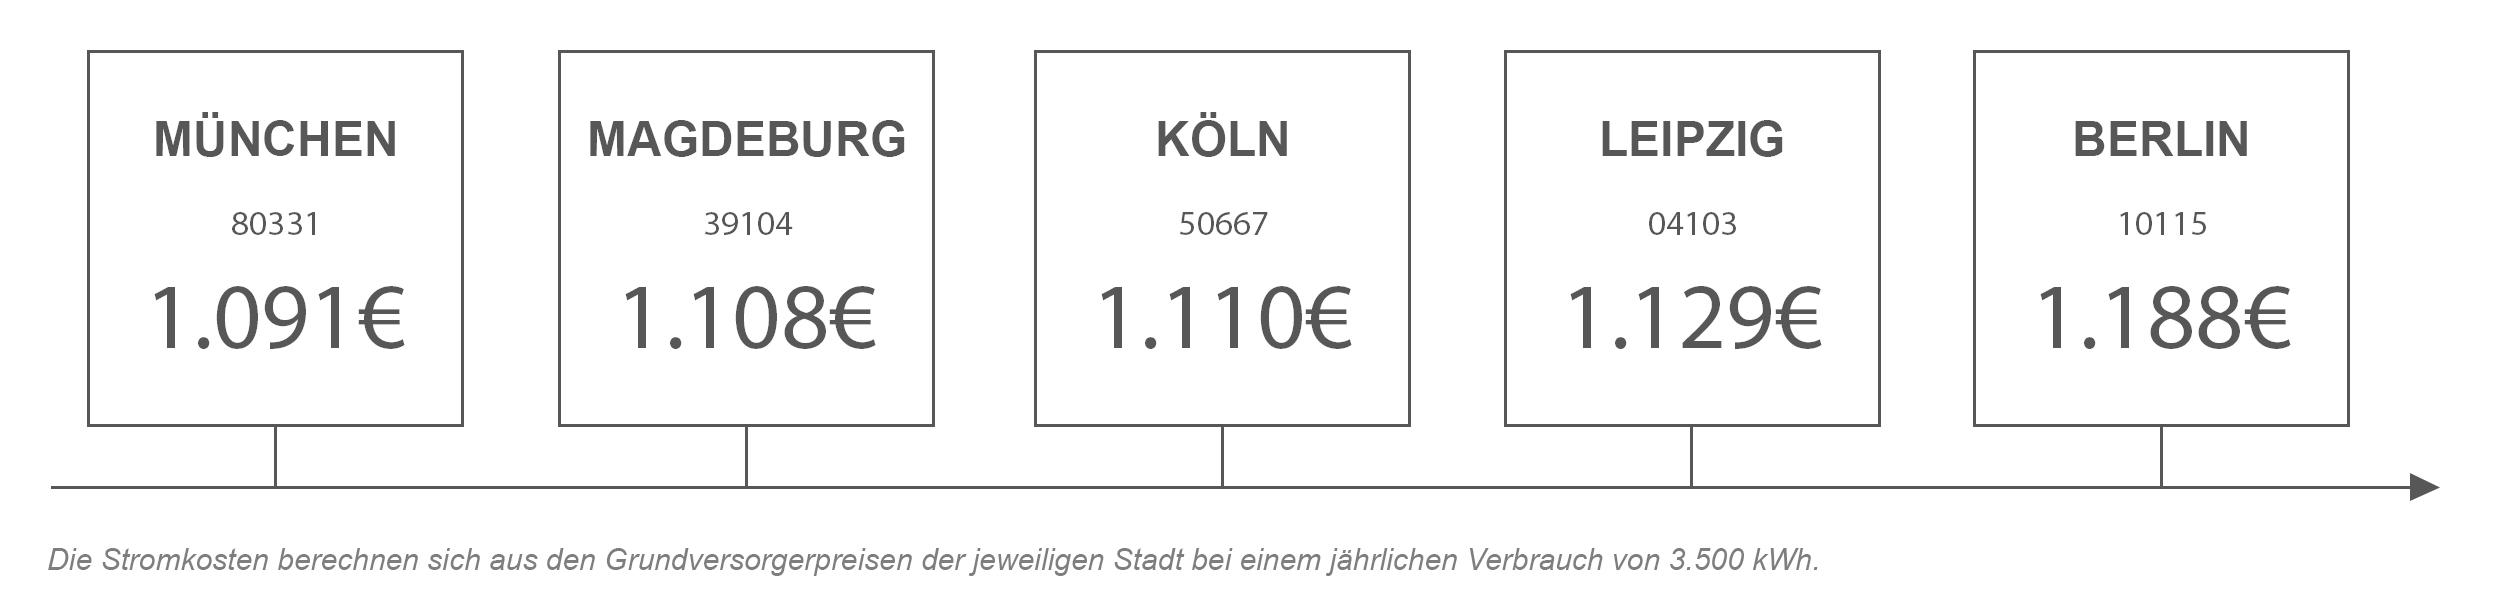 Stromanbieter Magdeburg Städtevergleich 1